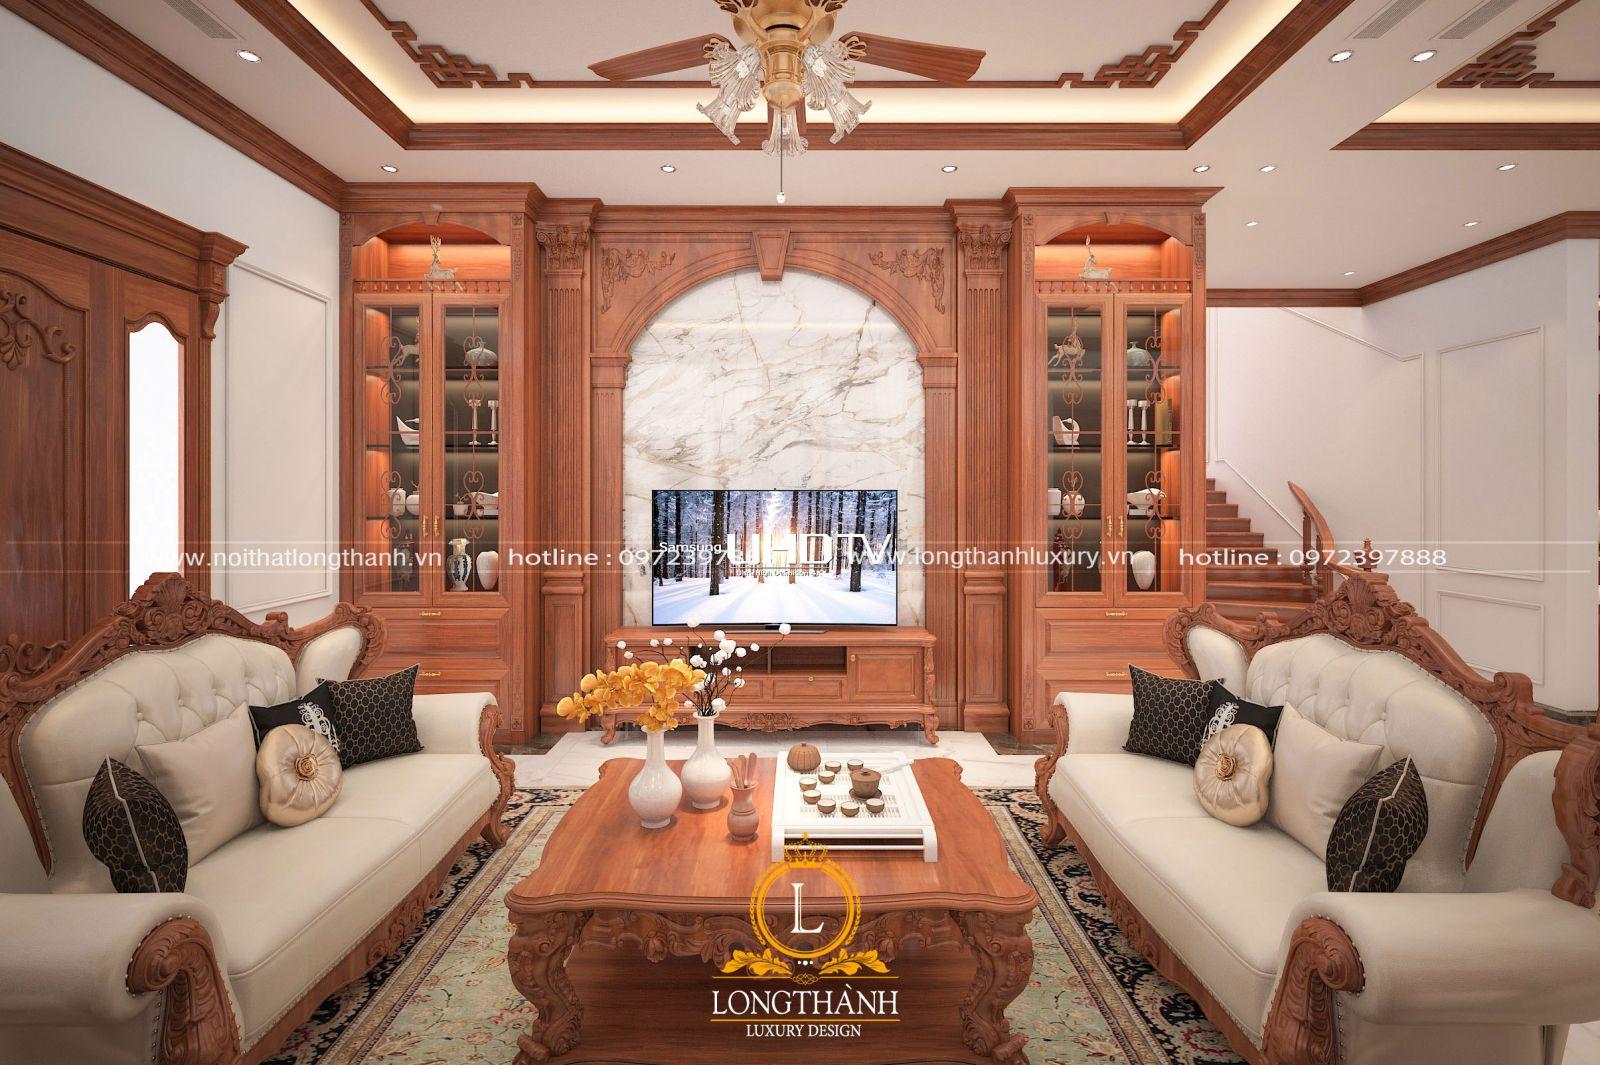 Nội thất phòng khách gỗ tự nhiên | Nâng tầm giá trị không gian